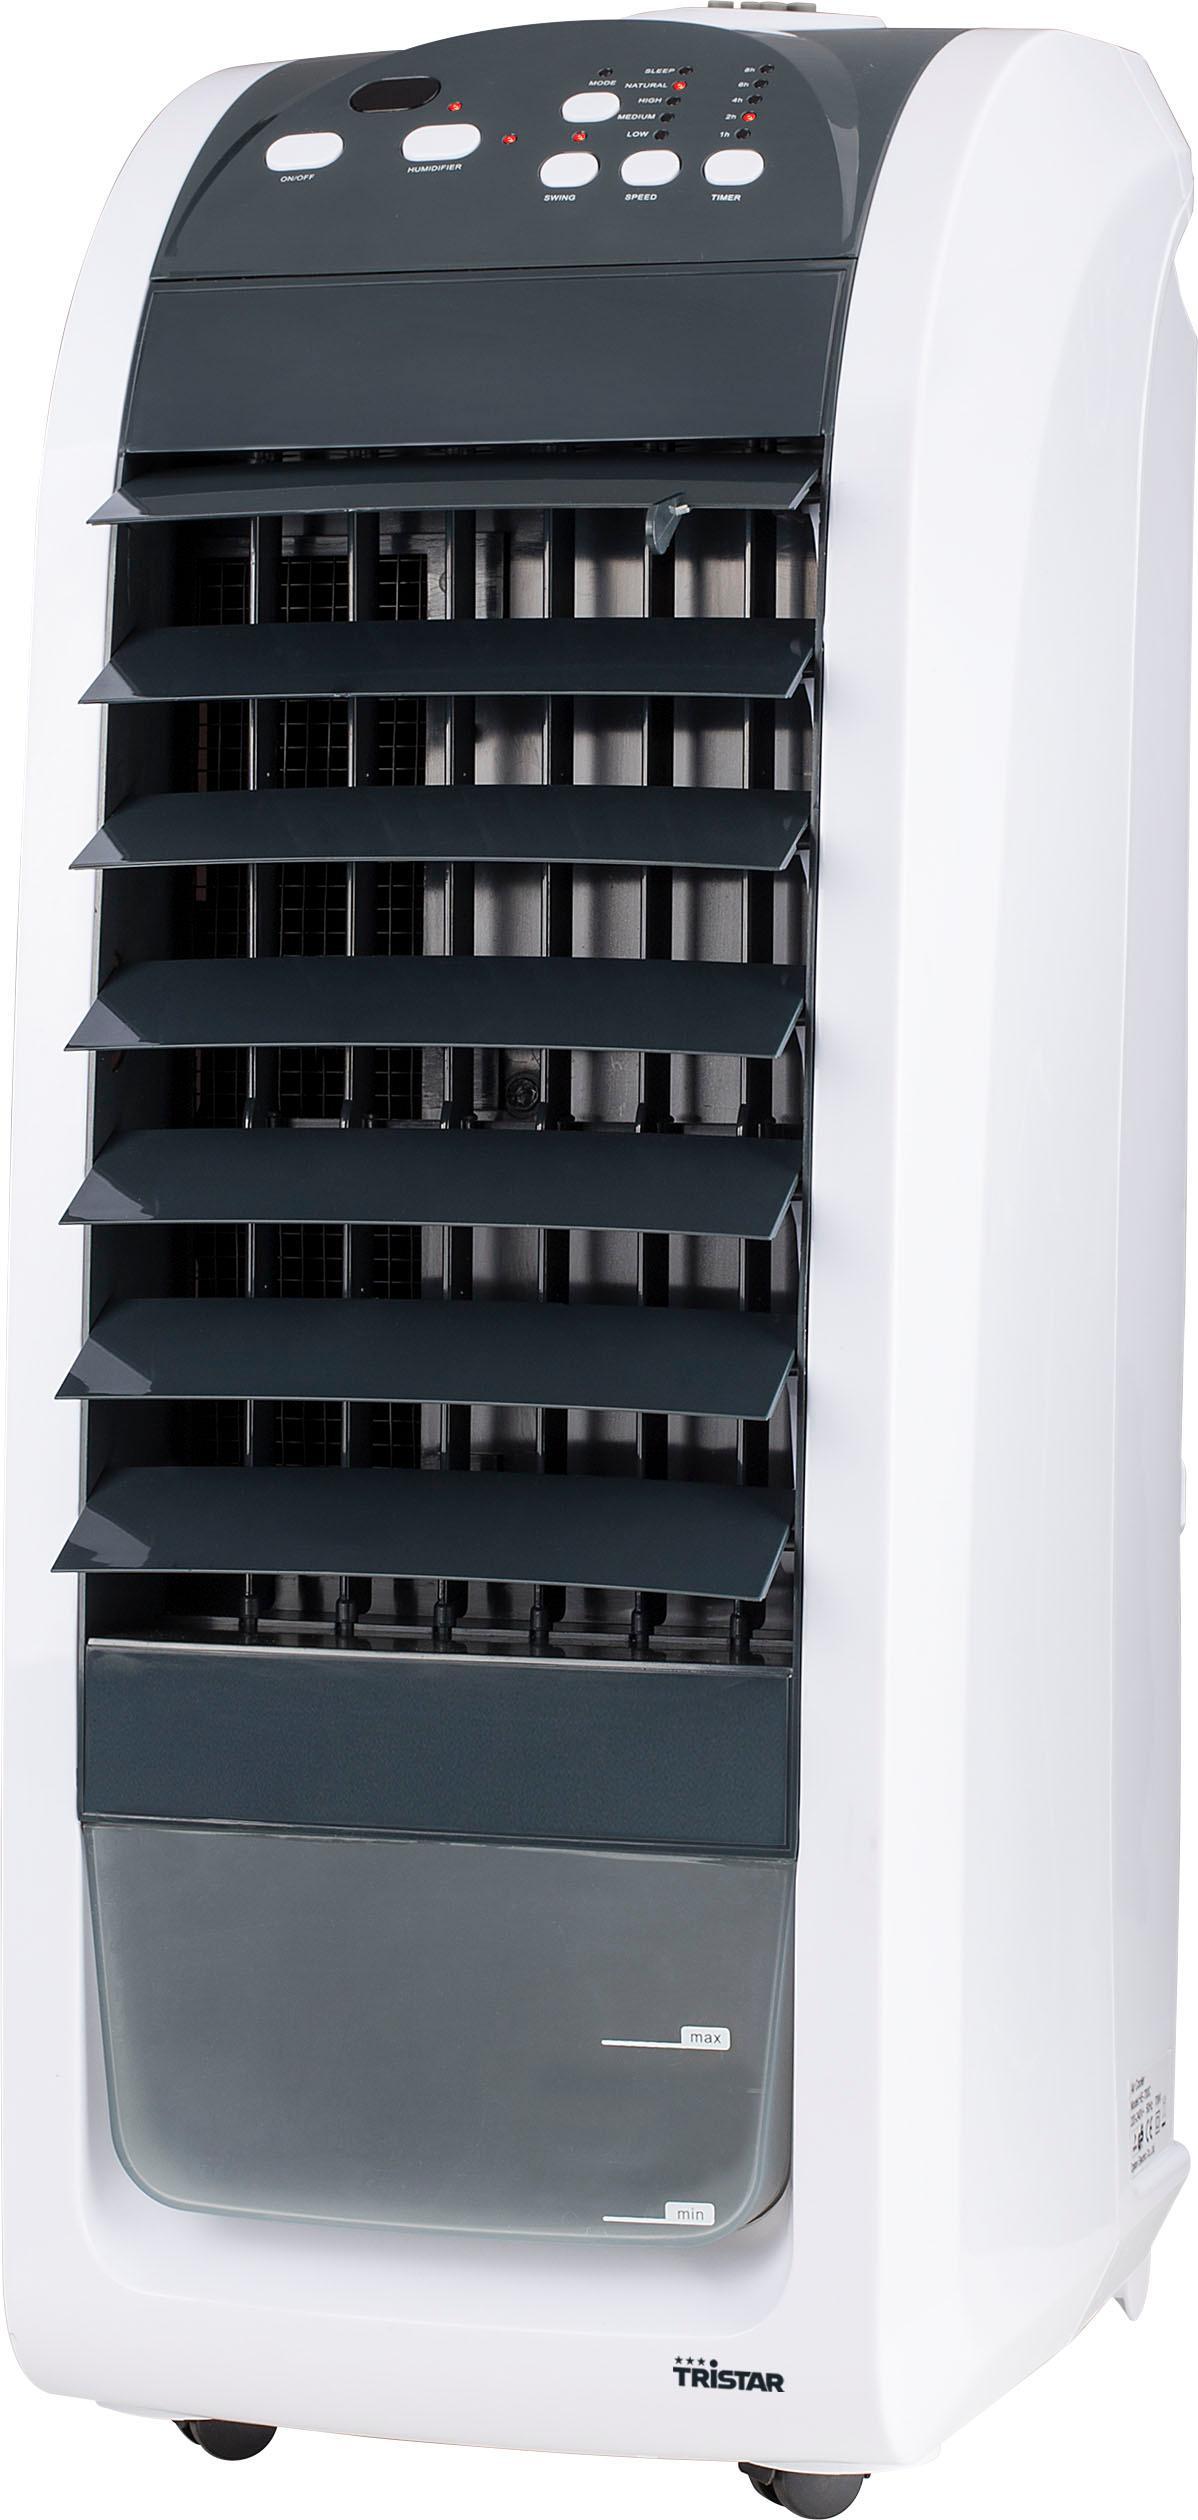 Tristar Bodenventilator AT-5450, schwarz